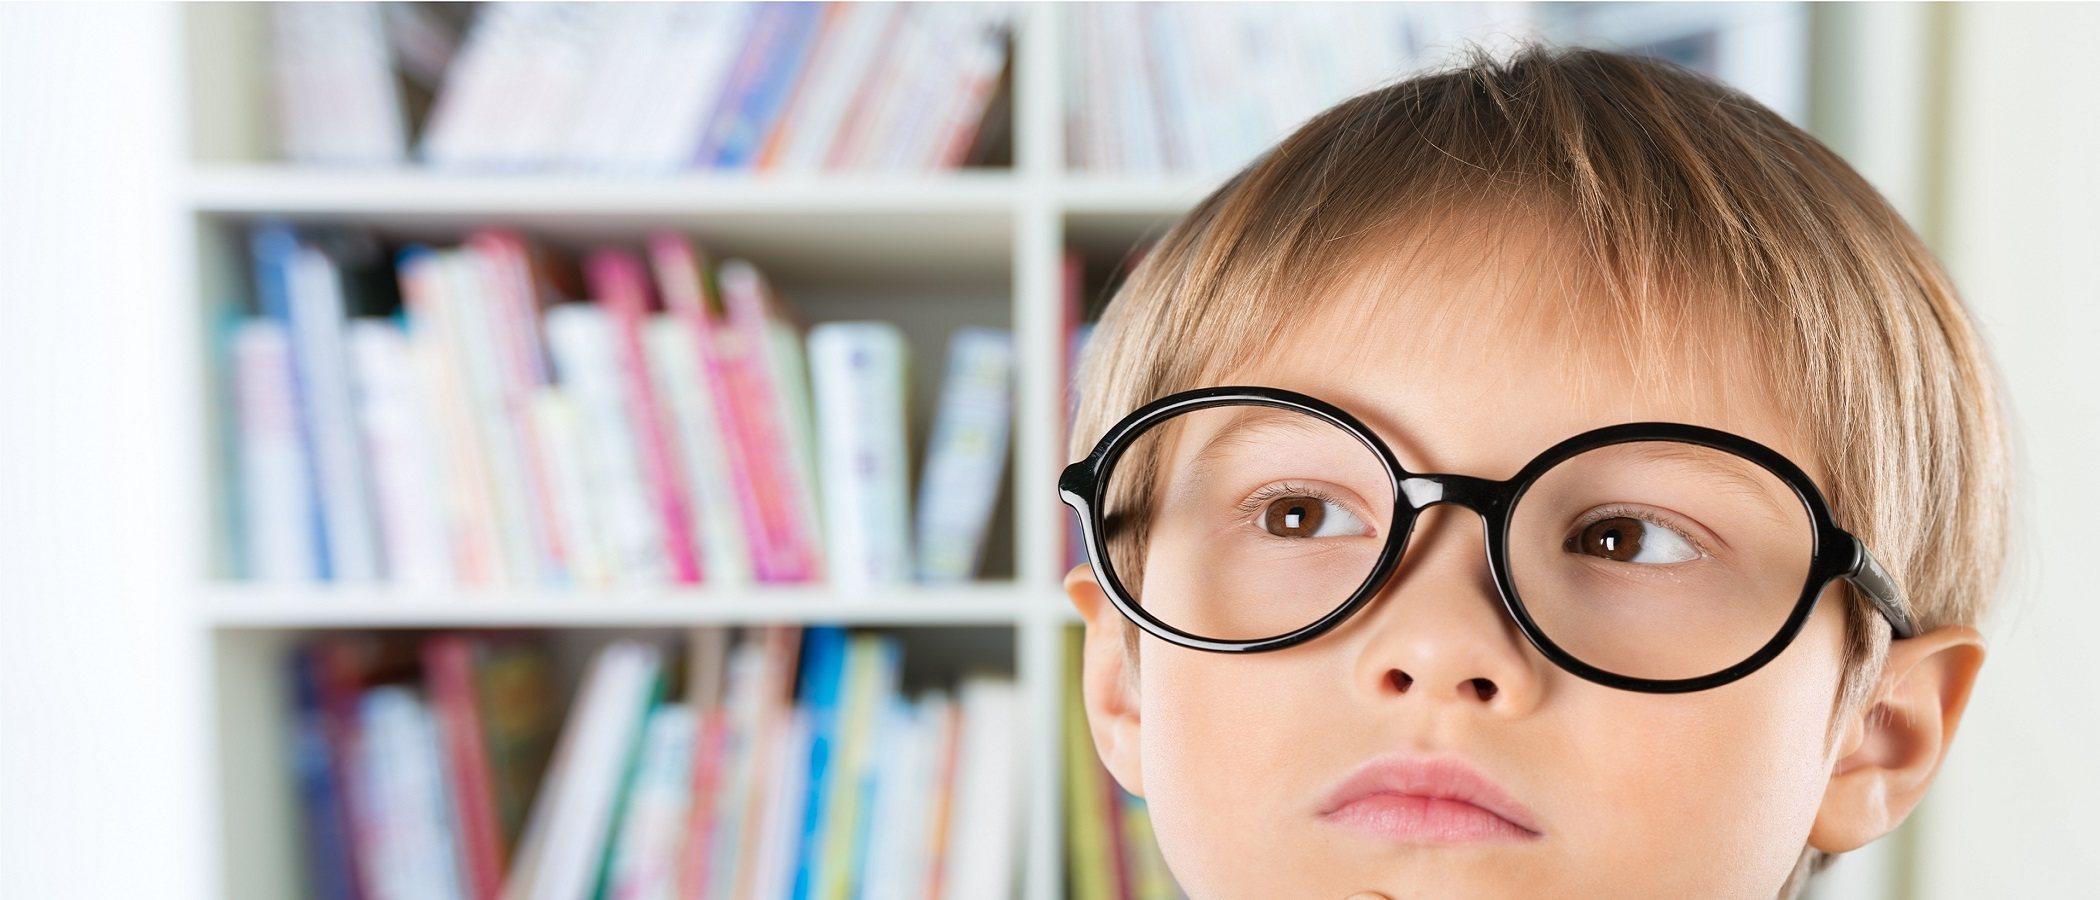 Cómo mejorar las habilidades mentales en matemáticas